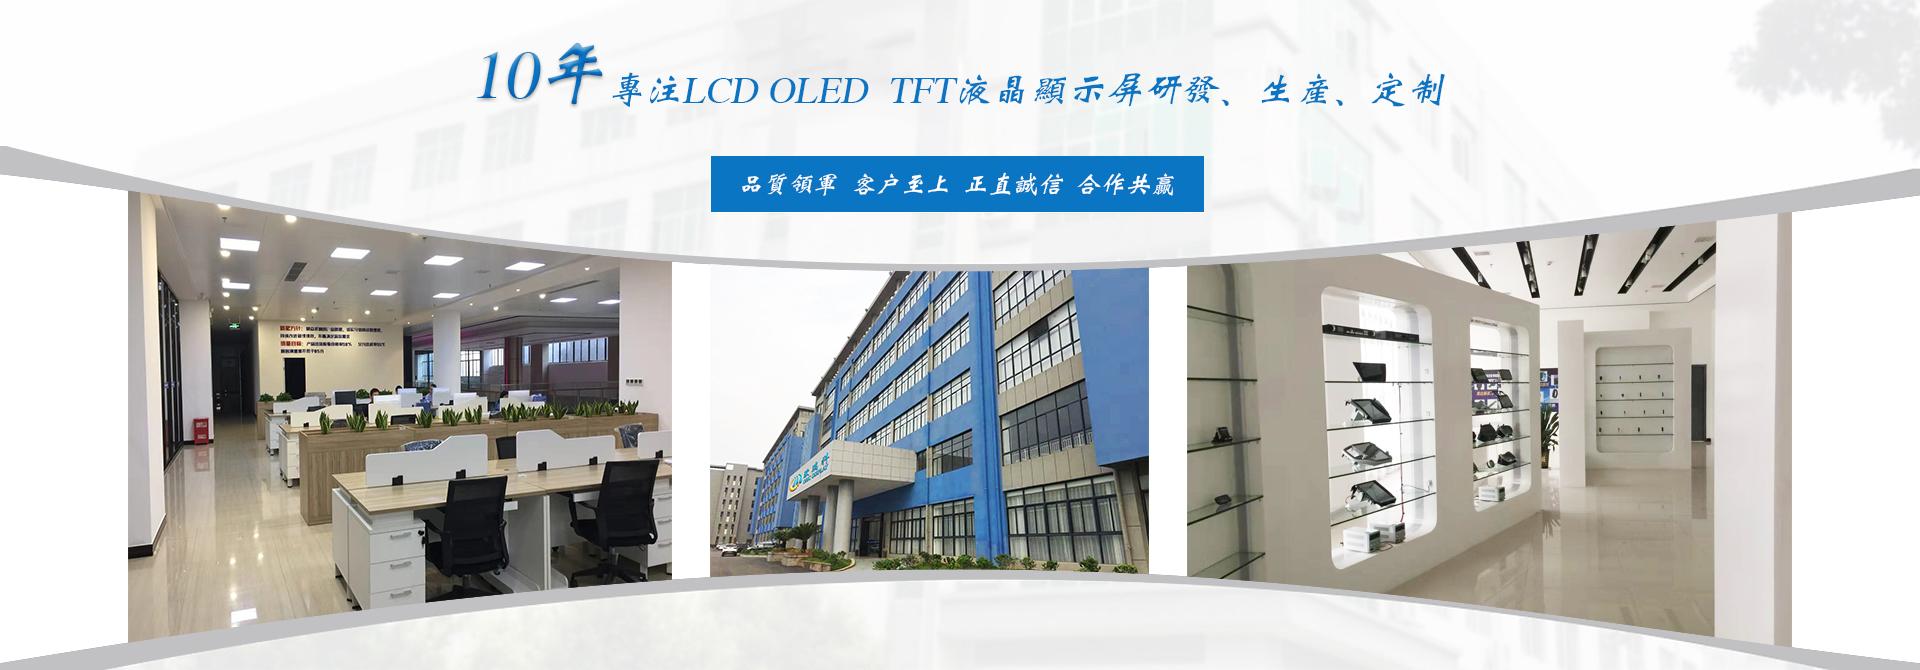 TFT液晶屏厂家